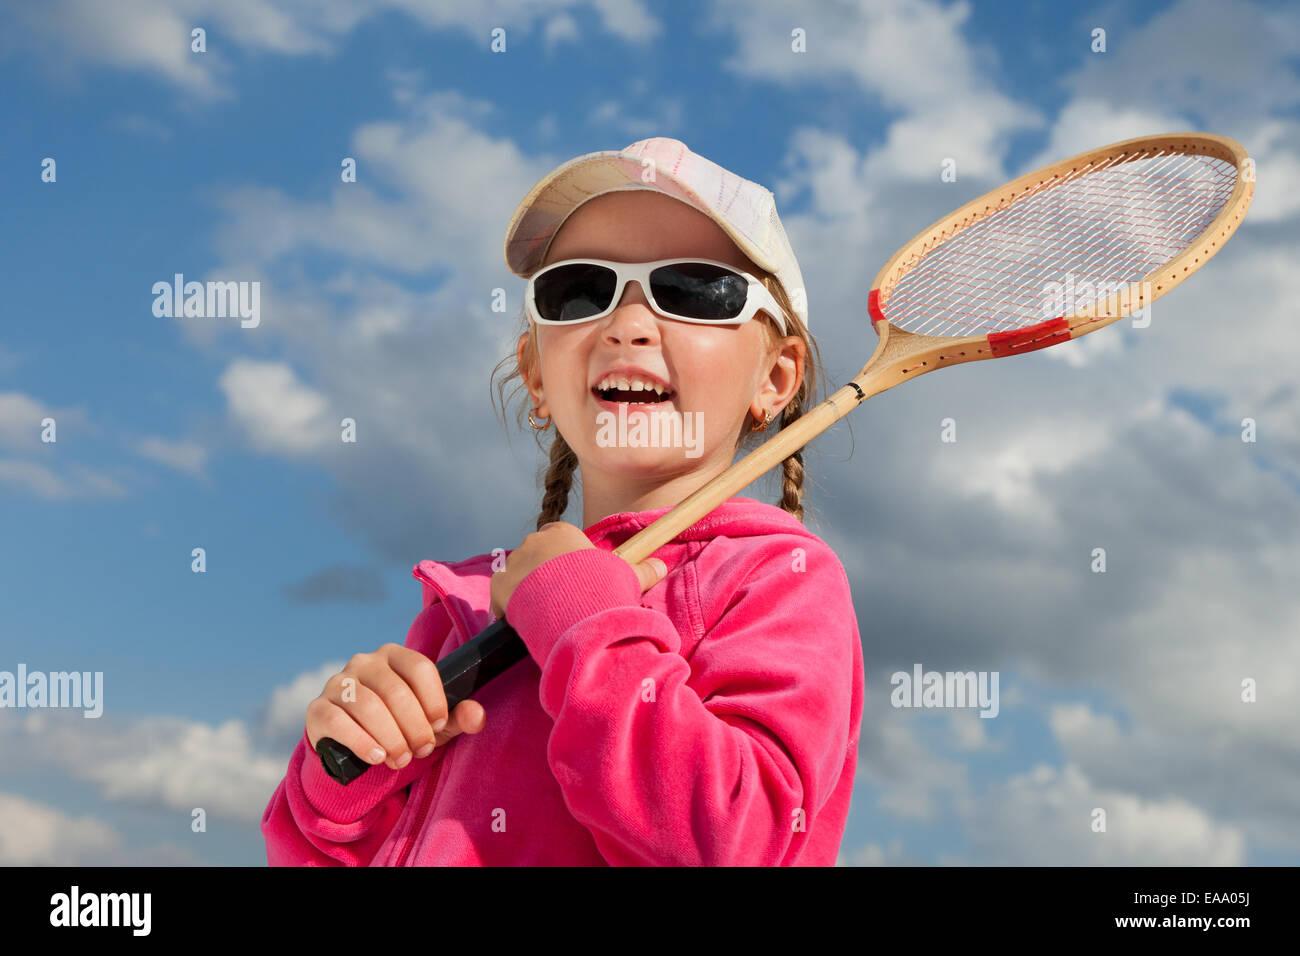 Petite fille avec pour raquette badminton Banque D'Images